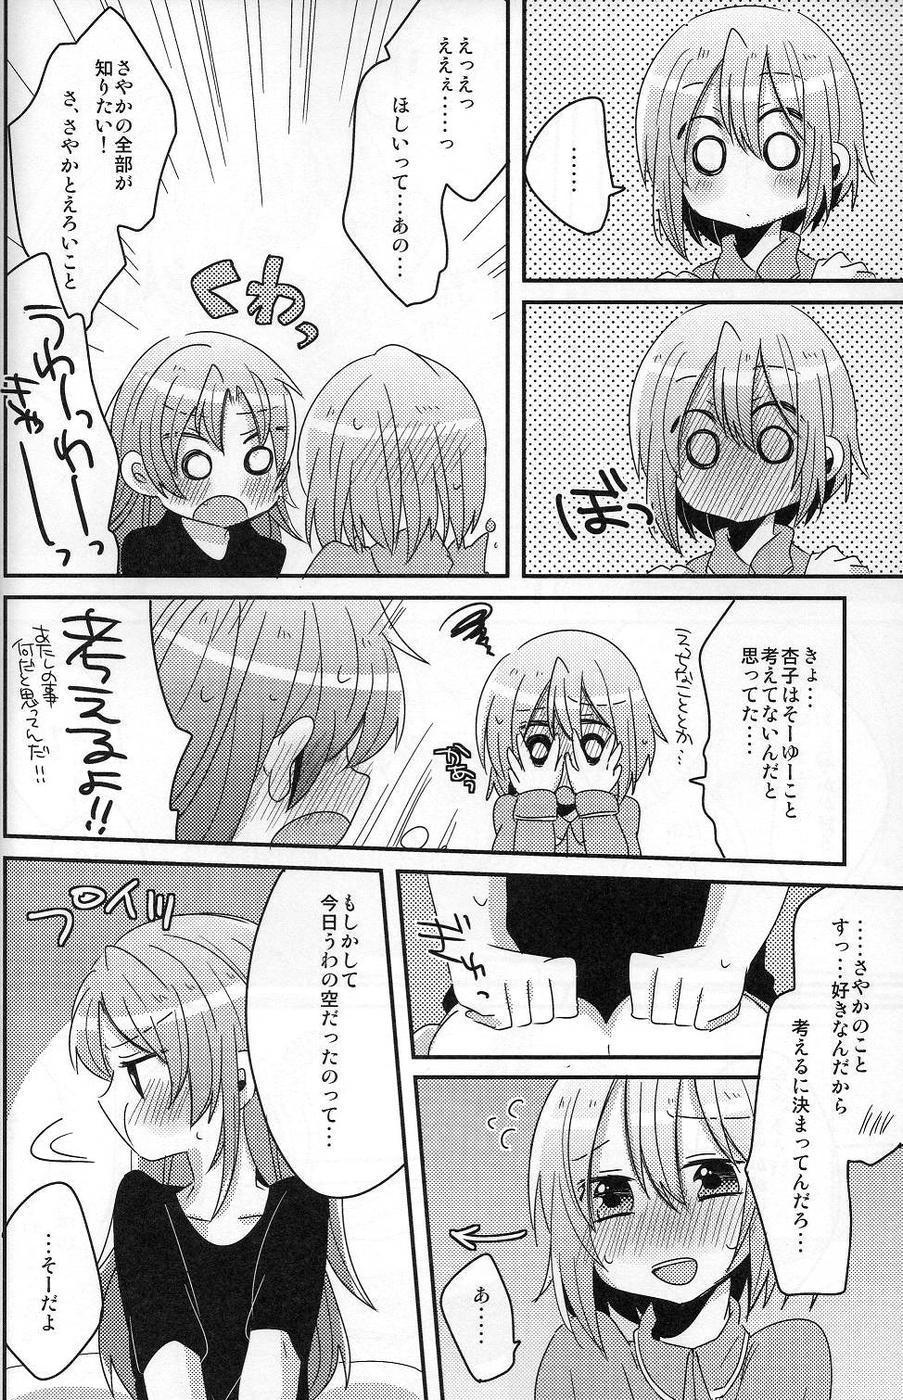 Hajimete no Koto 12